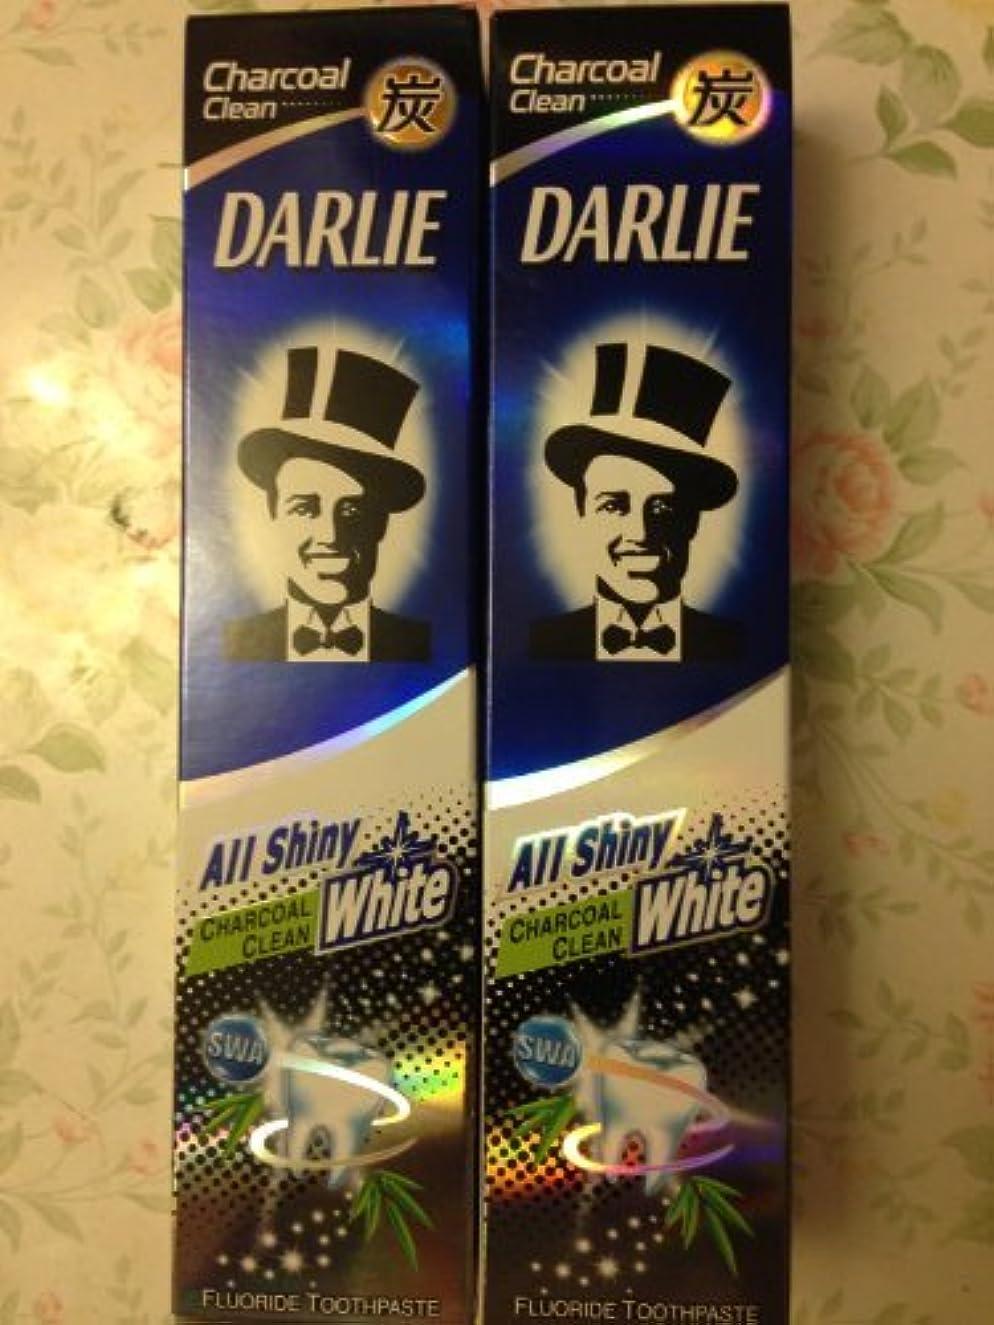 郵便壮大風変わりな2 packs of Darlie Charcoal All Shiny Whitening Toothpaste by Darlie